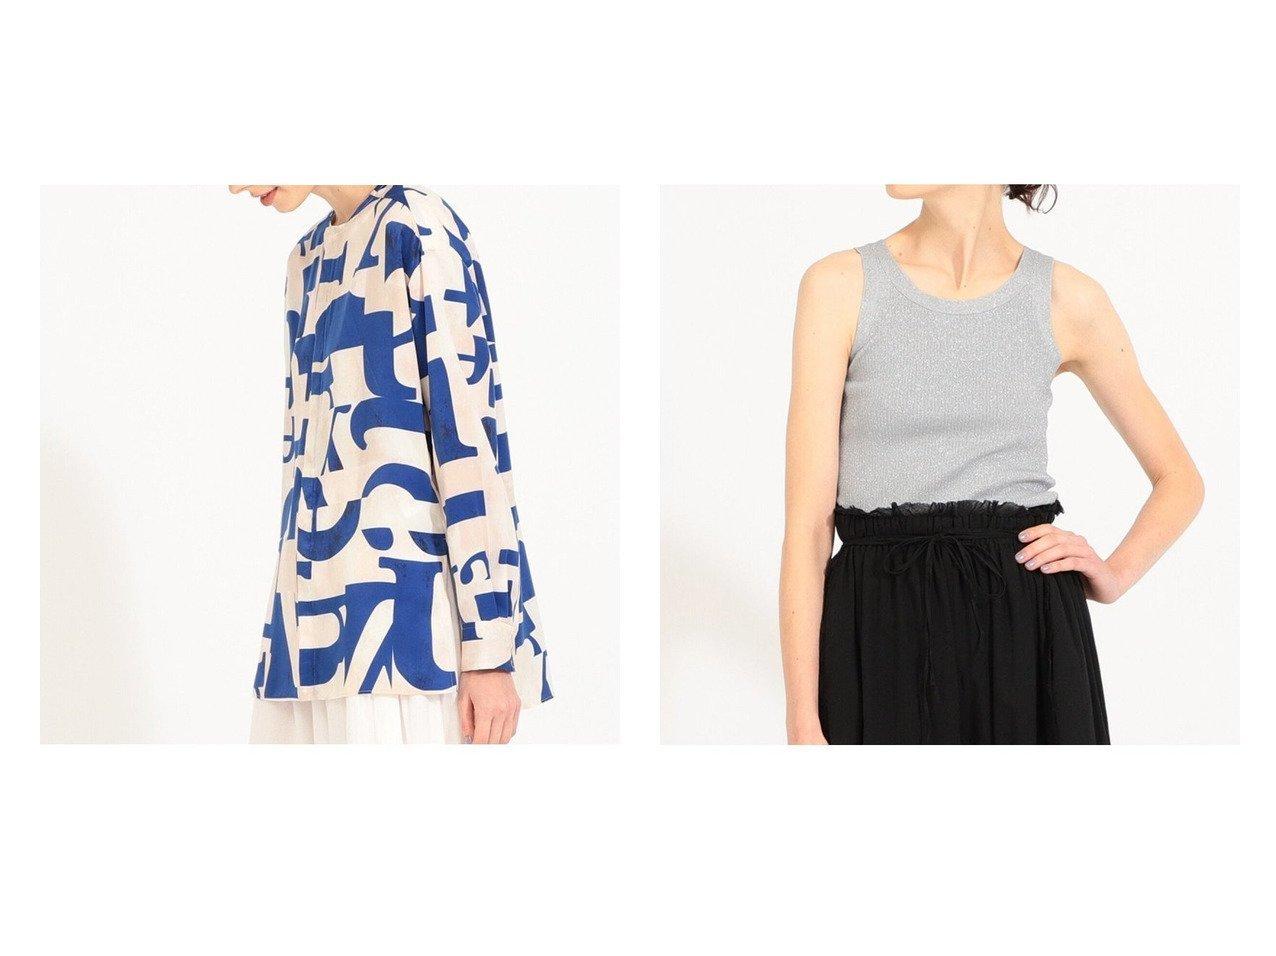 【BEAMS BOY/ビームス ボーイ】のNaval Switch Blouse&Rame Rib TankTop トップス・カットソーのおすすめ!人気、トレンド・レディースファッションの通販  おすすめで人気の流行・トレンド、ファッションの通販商品 メンズファッション・キッズファッション・インテリア・家具・レディースファッション・服の通販 founy(ファニー) https://founy.com/ ファッション Fashion レディースファッション WOMEN トップス Tops Tshirt シャツ/ブラウス Shirts Blouses ロング / Tシャツ T-Shirts カットソー Cut and Sewn スカーフ スモック スリット パッチワーク フロント プリント ミリタリー 長袖 インナー カットソー ストレッチ タンク |ID:crp329100000010515